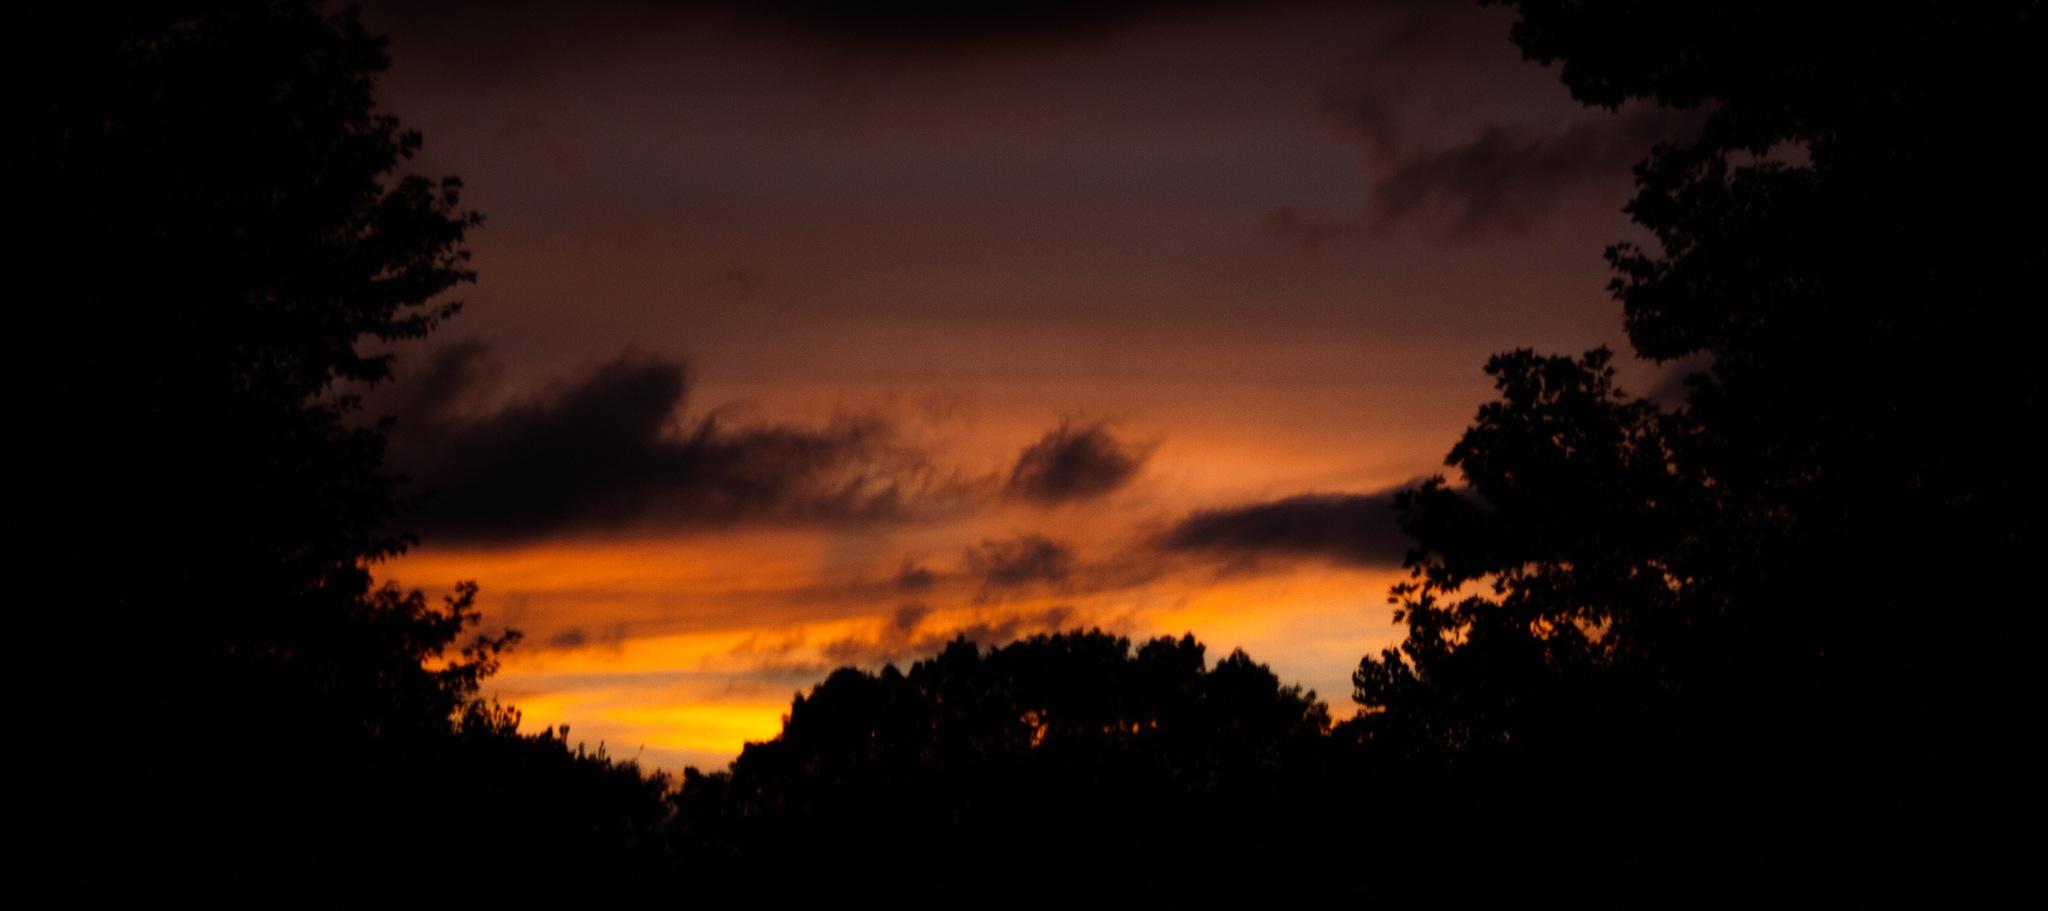 Sunset by Mercedes Tortat